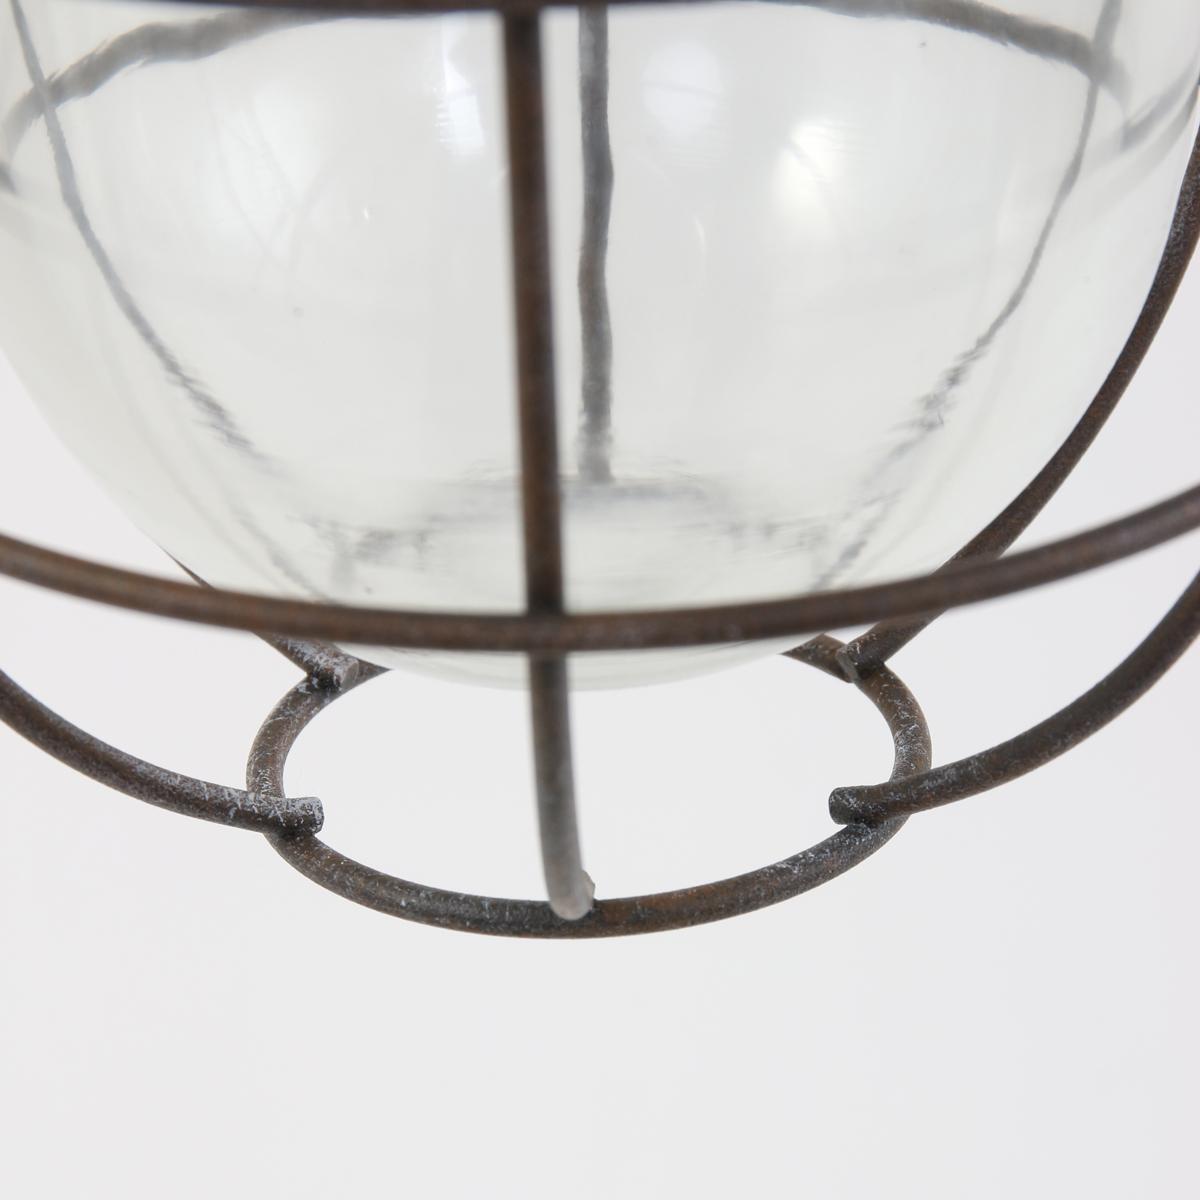 oldtimer lampe mistral braun 17 zentimeter fabriklampe online. Black Bedroom Furniture Sets. Home Design Ideas